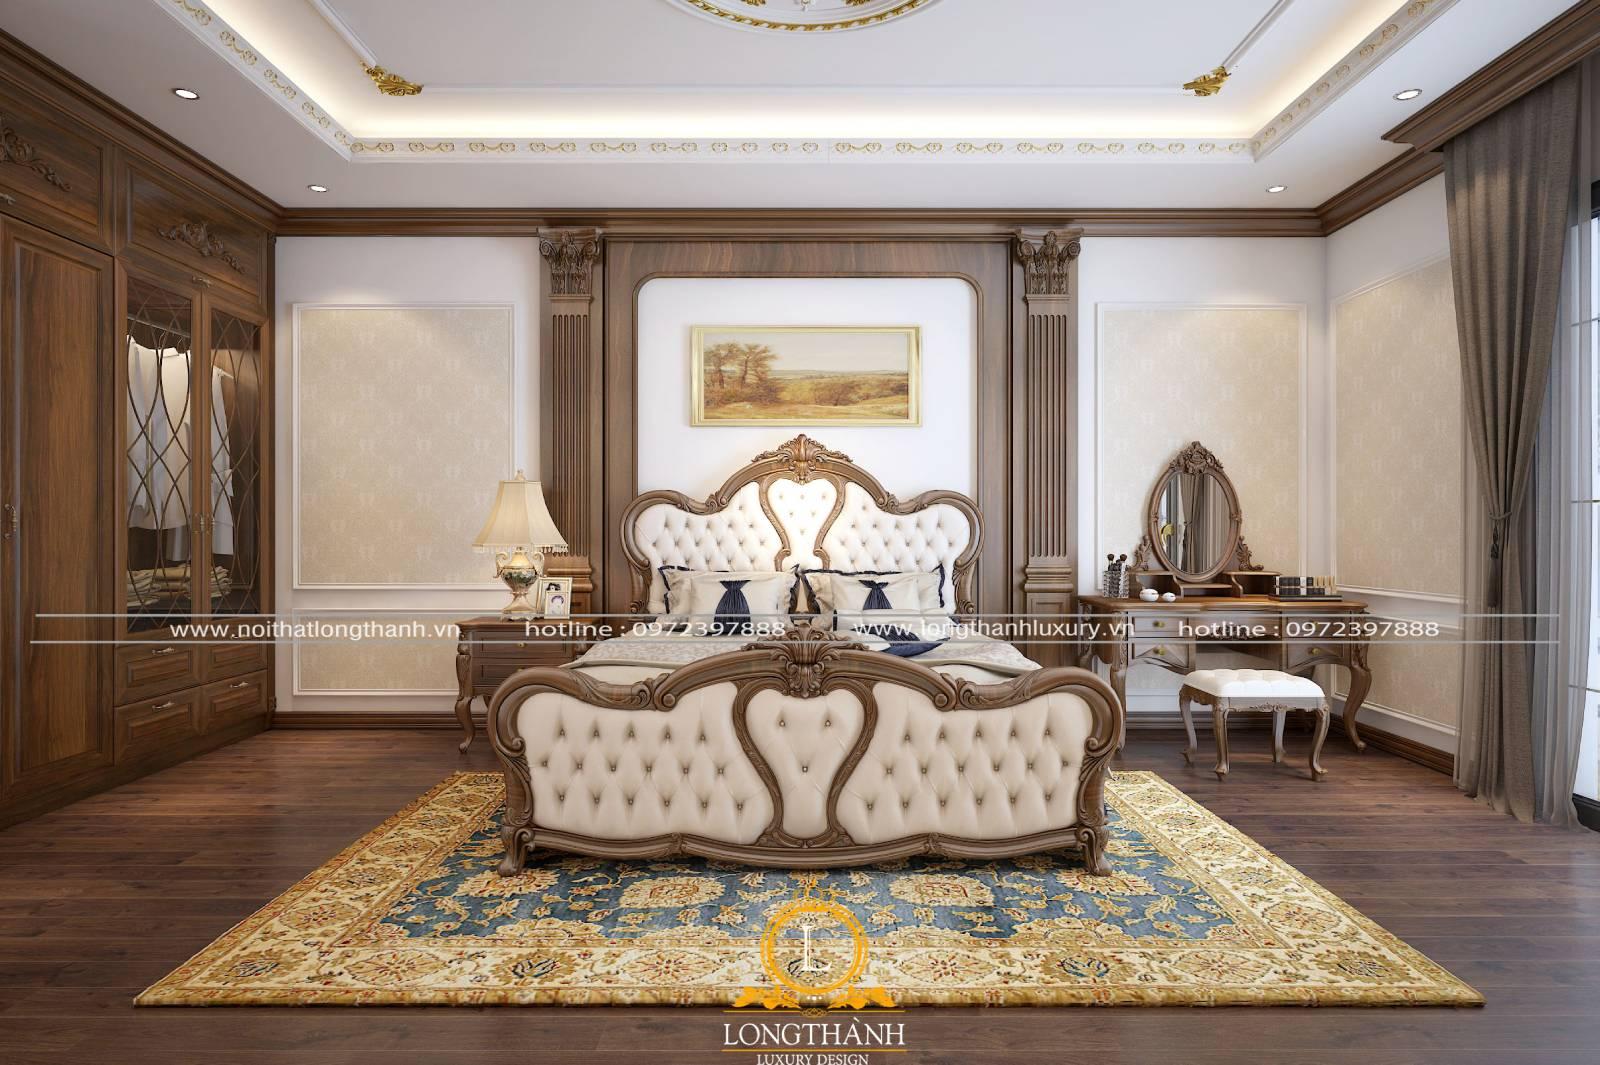 Phòng ngủ tân cổ điển gỗ tự nhiên cao cấp